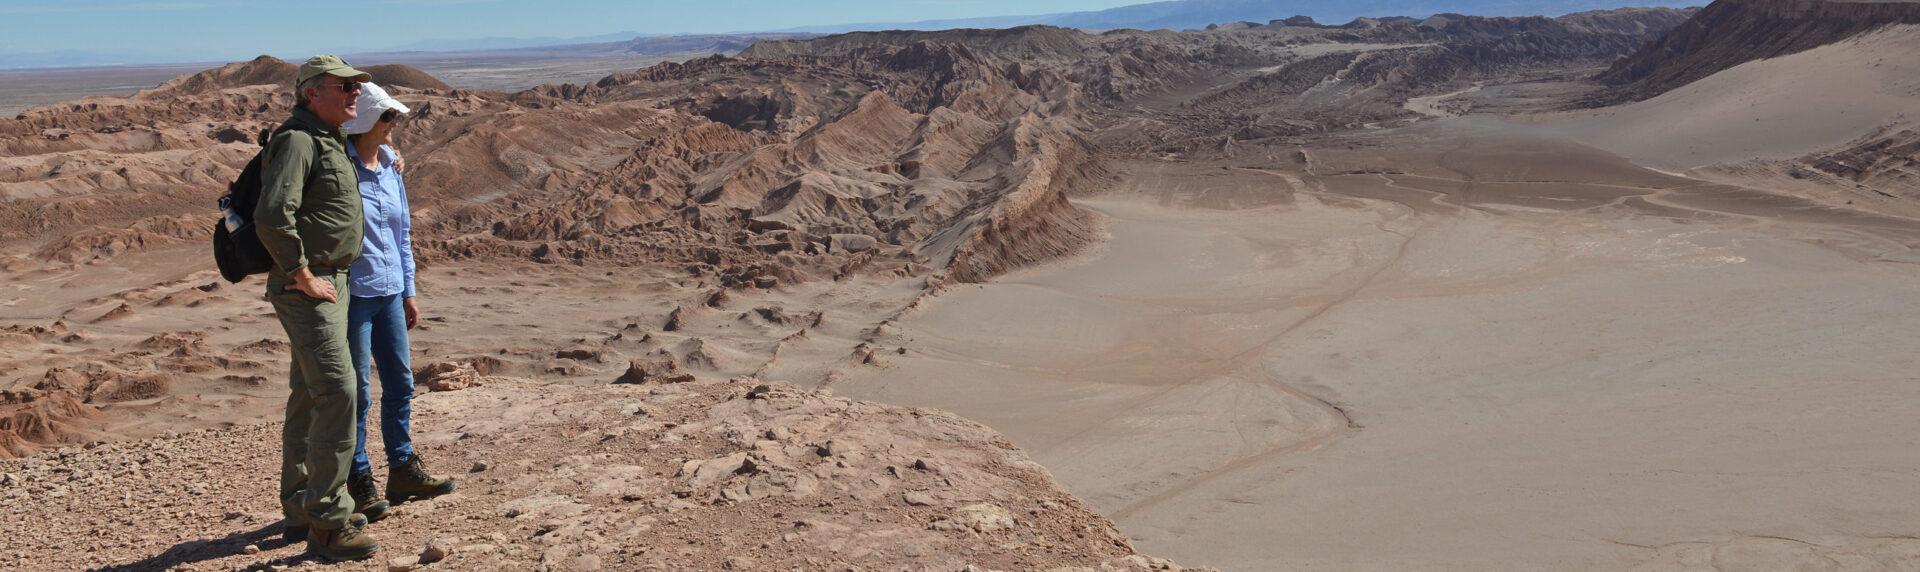 Pano Demeyer Helen Atacamawoestijn Chili Reizen6